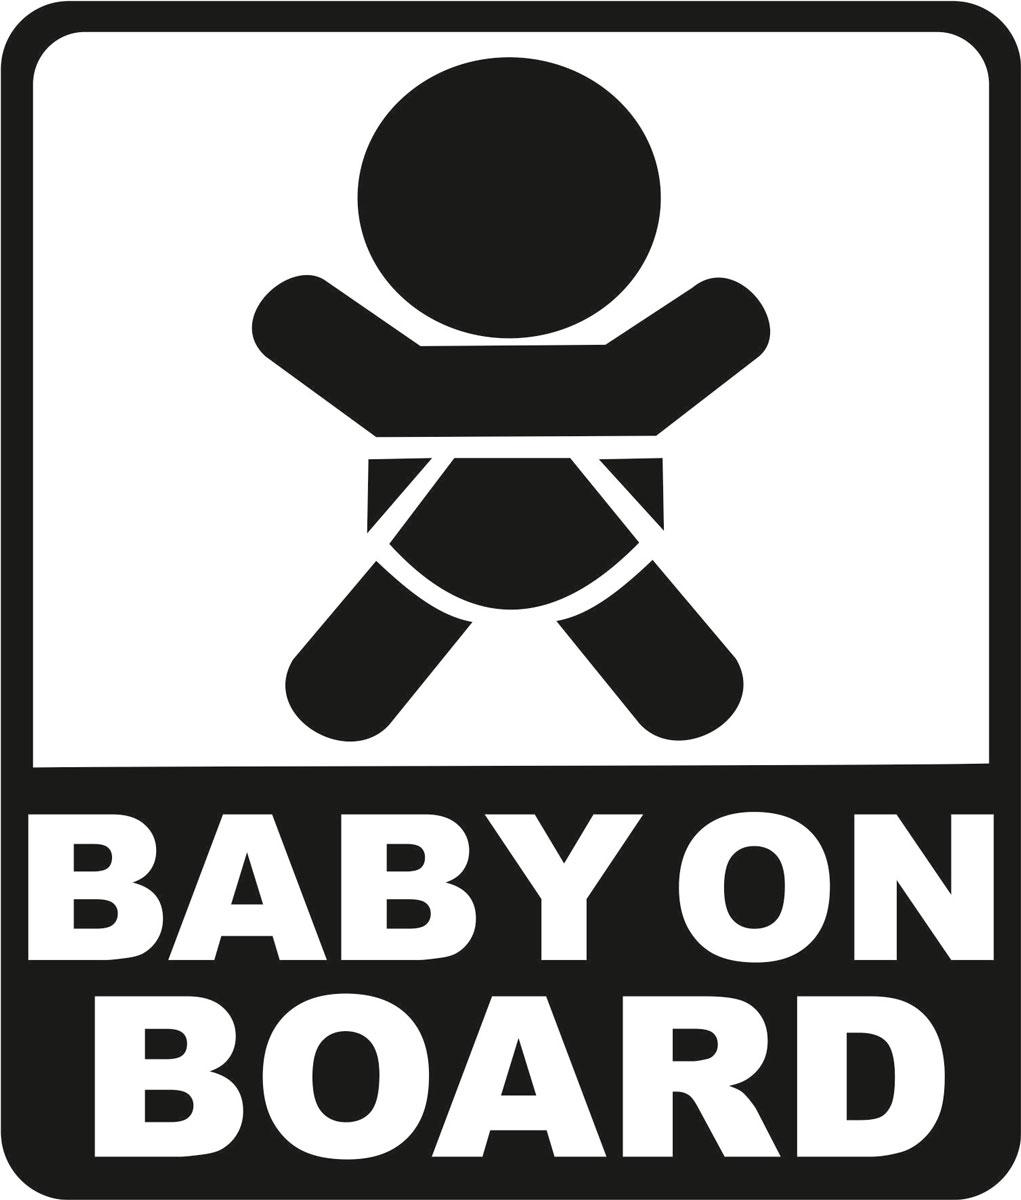 Наклейка автомобильная Оранжевый слоник Baby on Board. Квадрат, виниловая, цвет: черный150RM0005BОригинальная наклейка Оранжевый слоник Baby on Board. Квадрат изготовлена из долговечного винила, который выполняет не только декоративную функцию, но и защищает кузов от небольших механических повреждений, либо скрывает уже существующие. Виниловые наклейки на авто - это не только красиво, но еще и быстро! Всего за несколько минут вы можете полностью преобразить свой автомобиль, сделать его ярким, необычным, особенным и неповторимым!